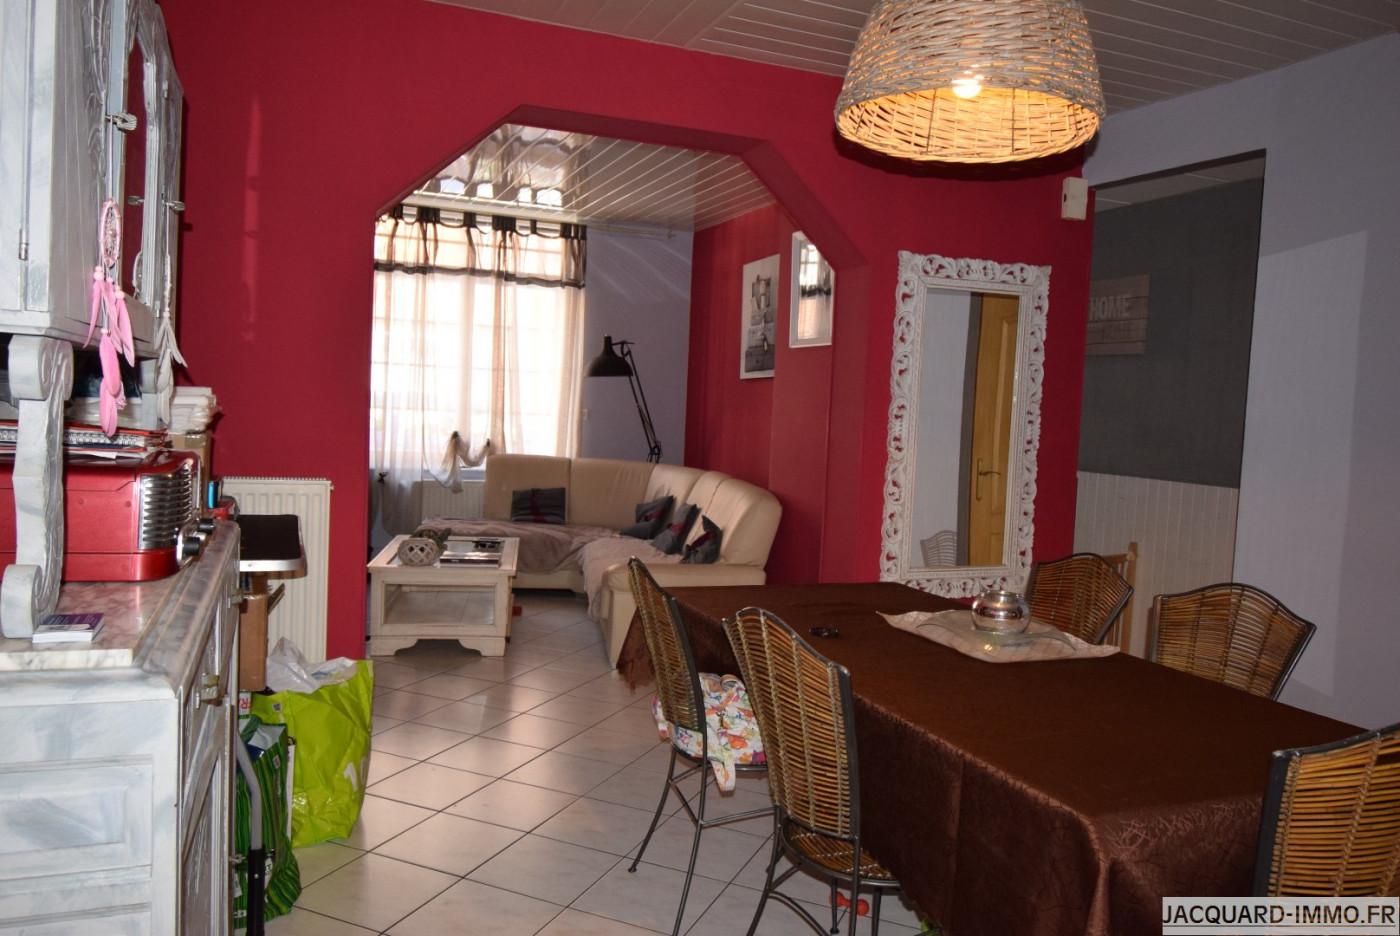 A vendre Calais 6200411125 Jacquard immobilier